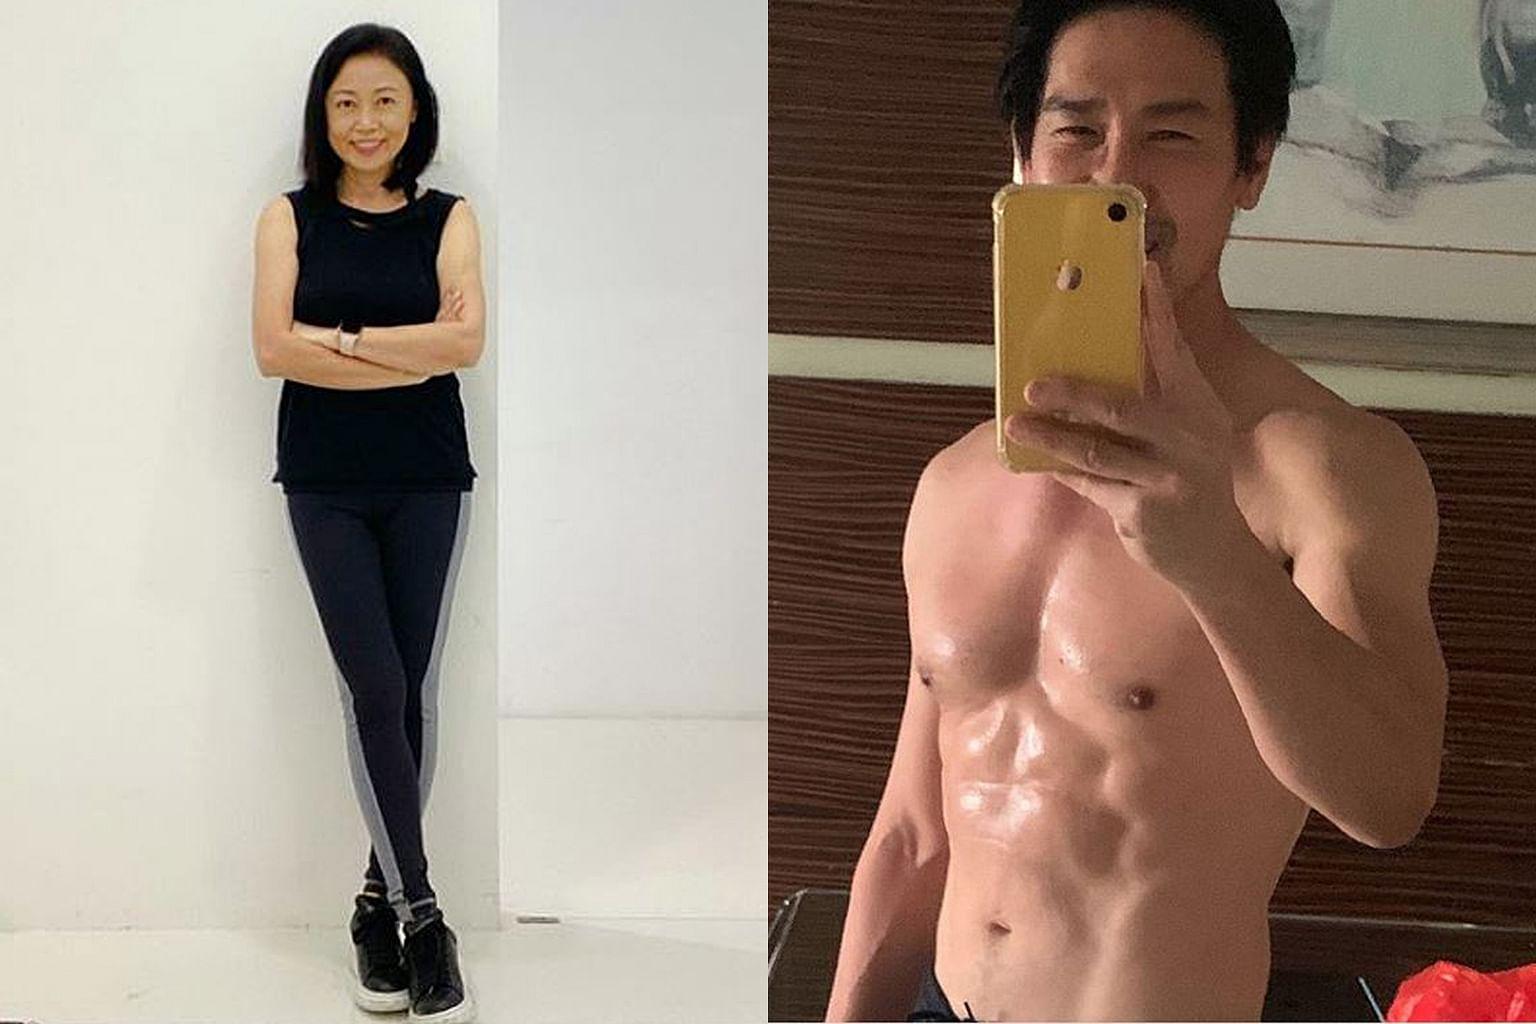 Xiang Yun (à gauche) a commencé un régime, réduit sa consommation d'alcool et a essayé de dormir tôt, tandis que son mari Edmund Chen (ci-dessus) a commencé des exercices de musculation et a maintenant un corps sculpté.